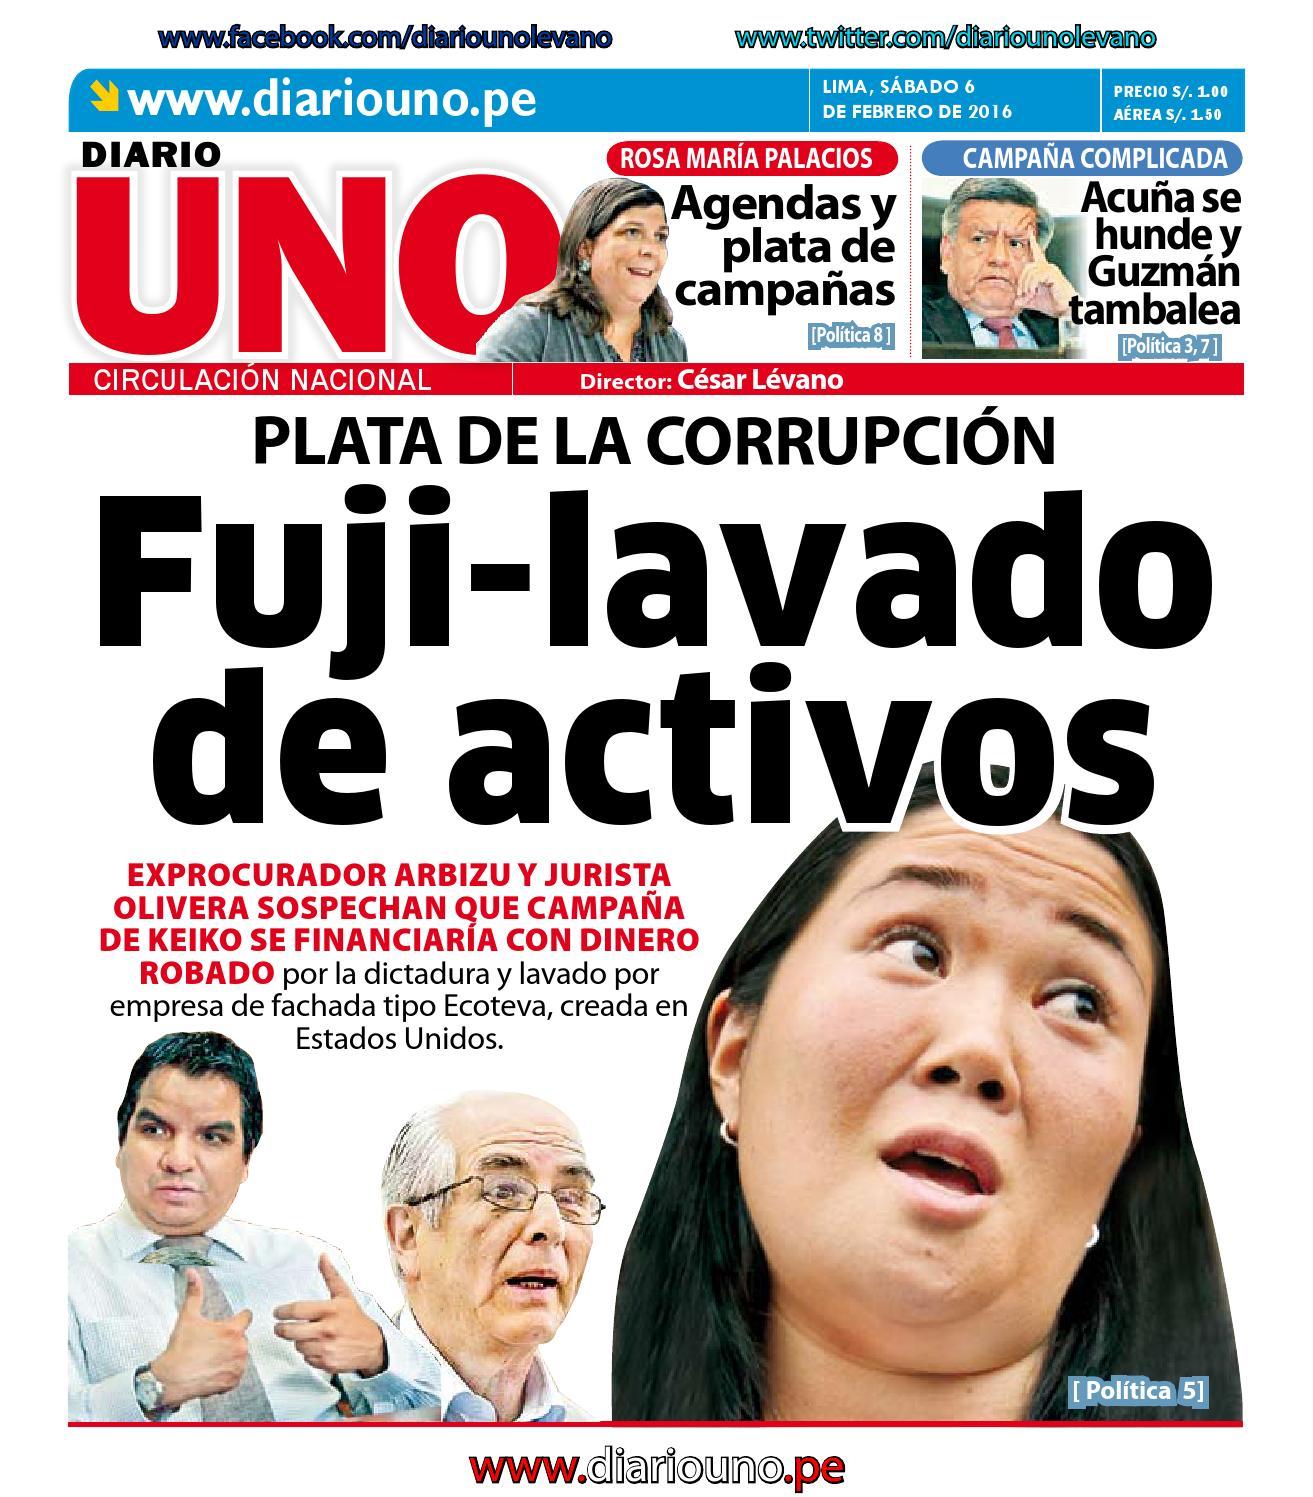 65bf0671c2e Diario UNO - 06 Febrero 2016 by Diario UNO - issuu